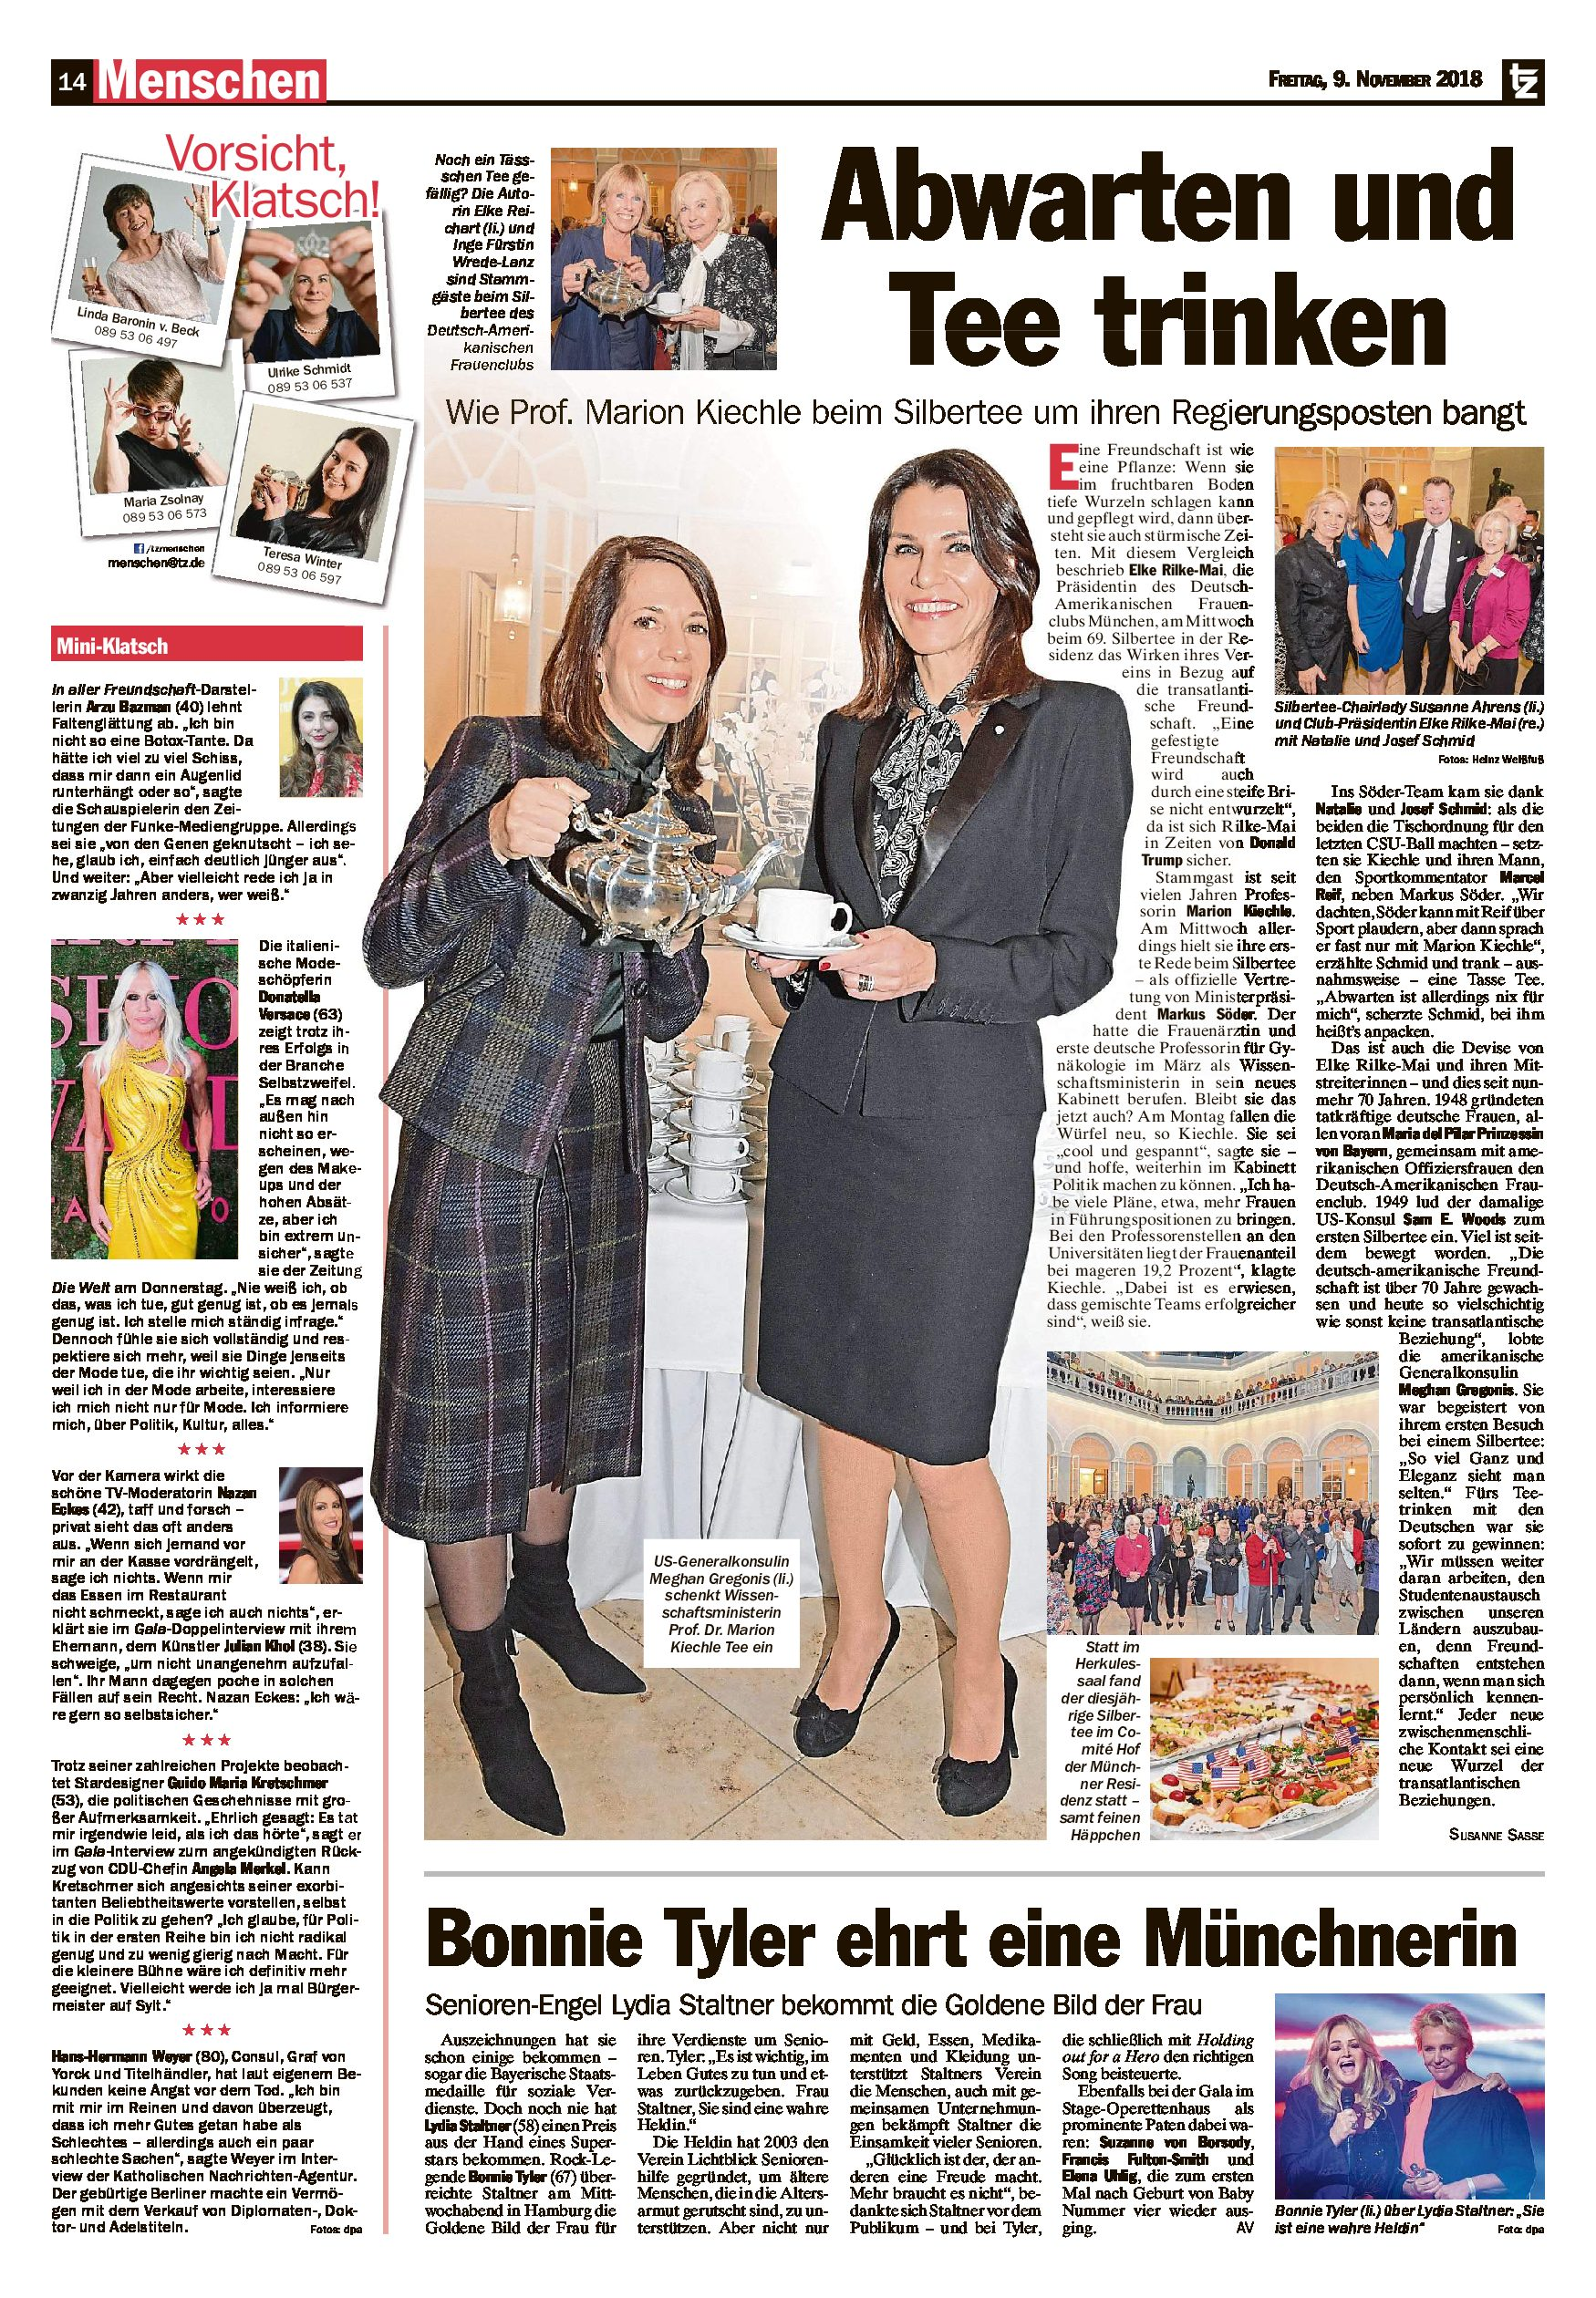 09.11.2018 | TZ | Bonnie Tyler ehrt eine Münchnerin